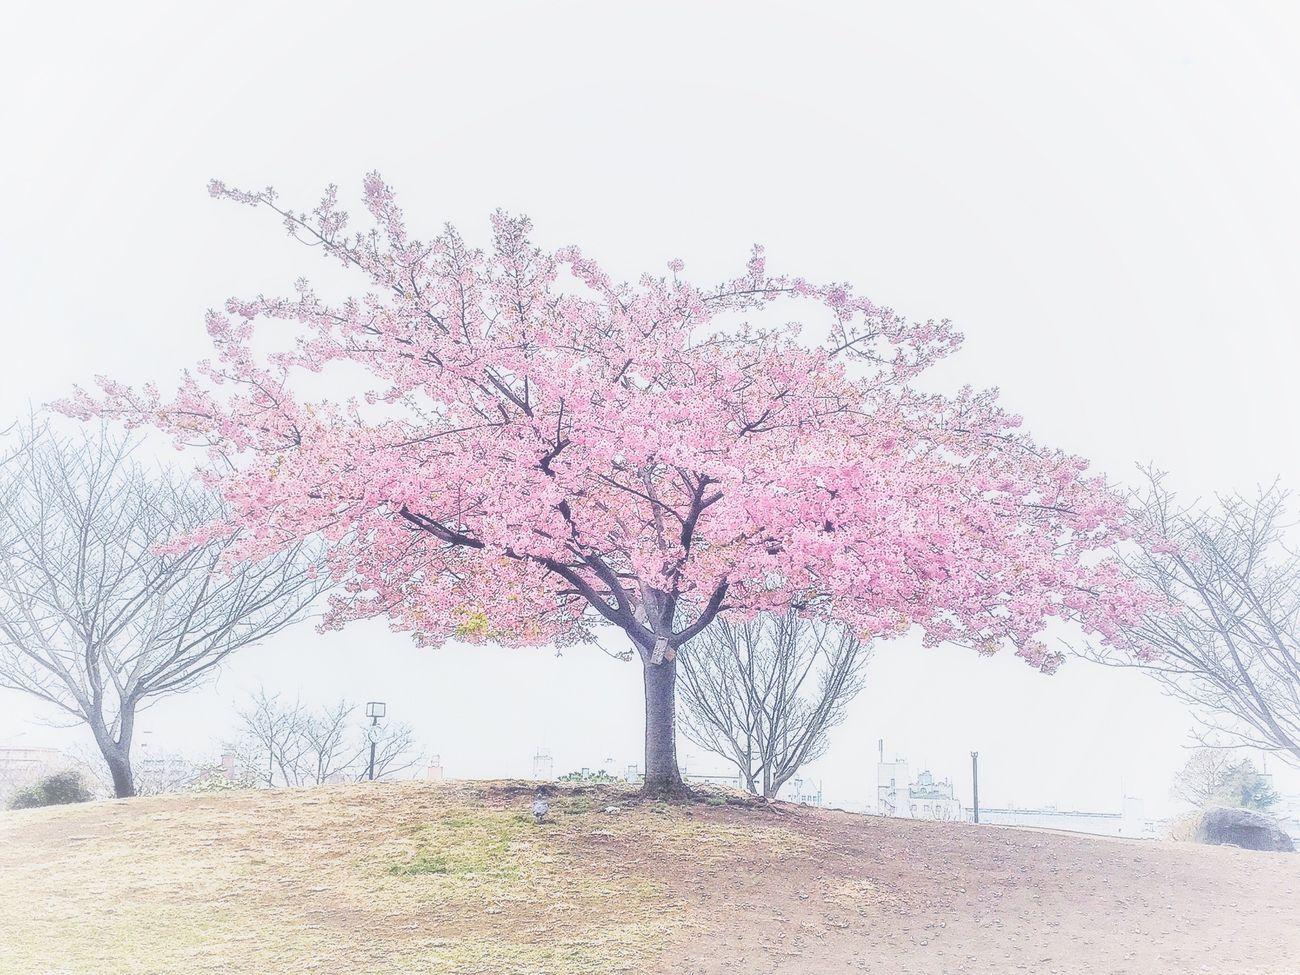 また来年も会いたいね…満開の姿を見せて下さい😌🙏✨🌸✨🌸✨🌸✨🌸✨ Enjoying Life Taking Photos Relaxing IPhoneography Peace And Love Beautiful Day Walking Around EyeEmBestPics 河津桜 西郷山公園 Cherry Blossoms